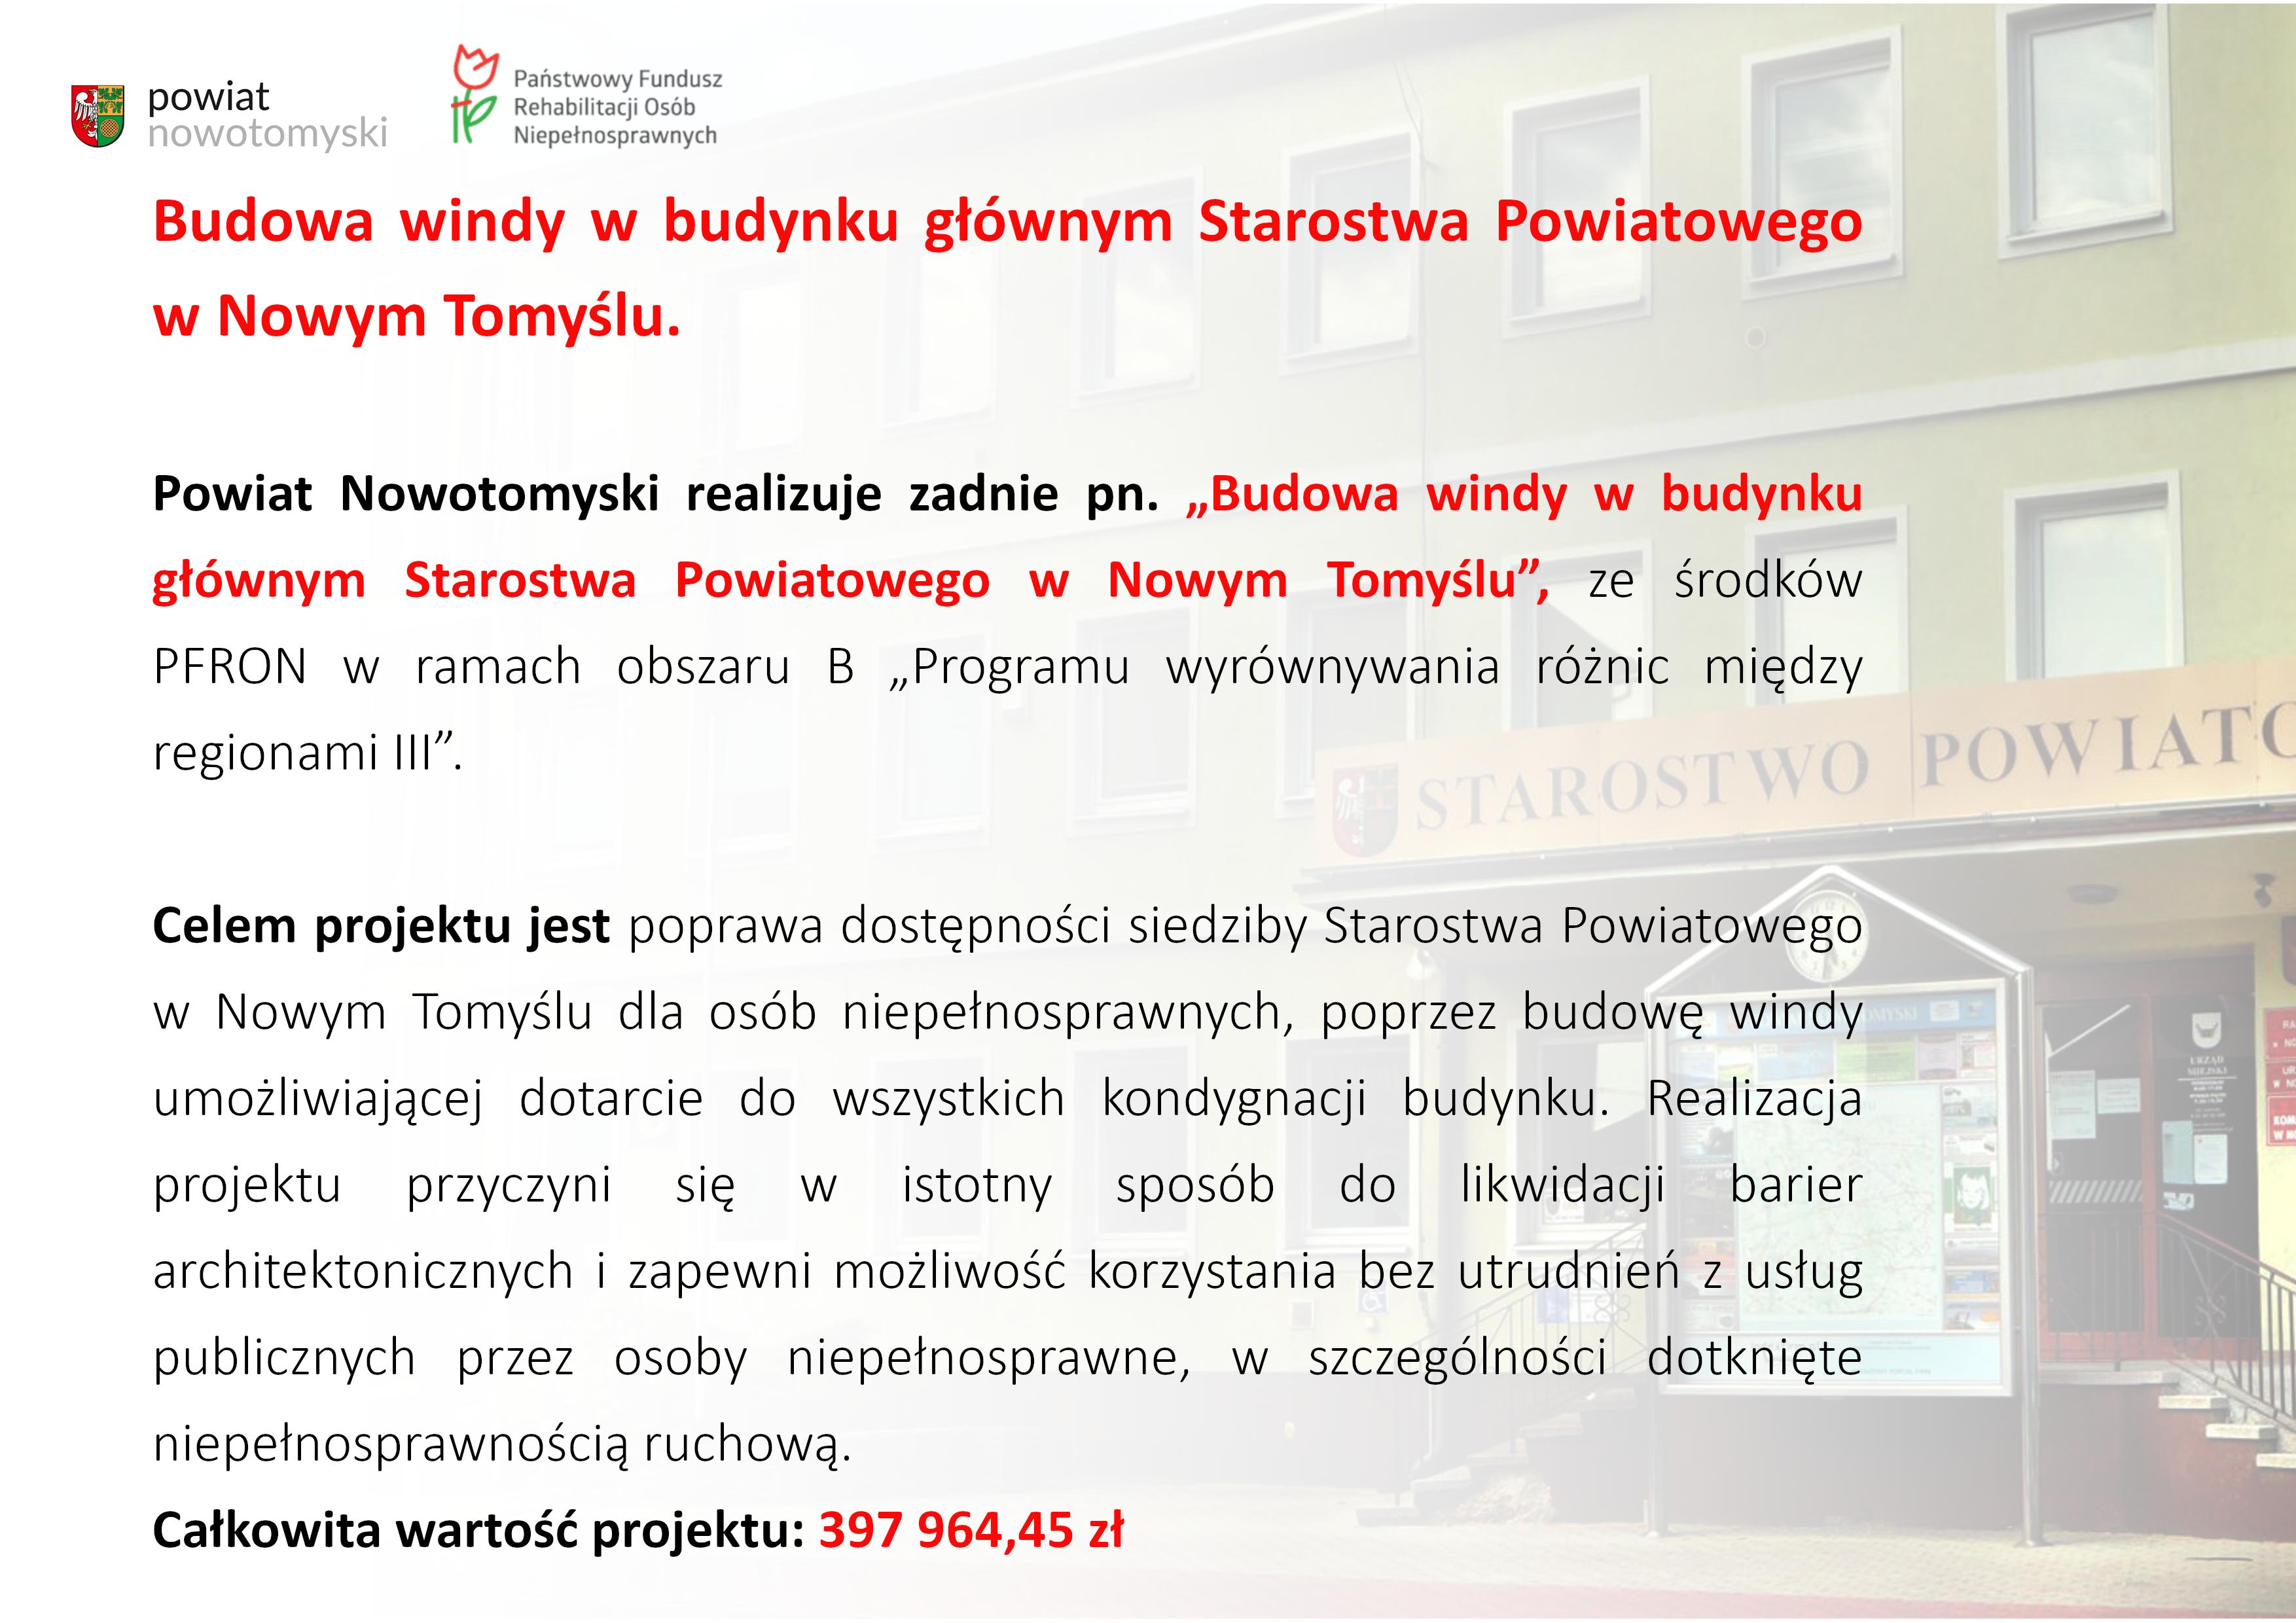 Ilustracja do informacji: Budowa windy w budynku głównym Starostwa Powiatowego w Nowym Tomyślu.